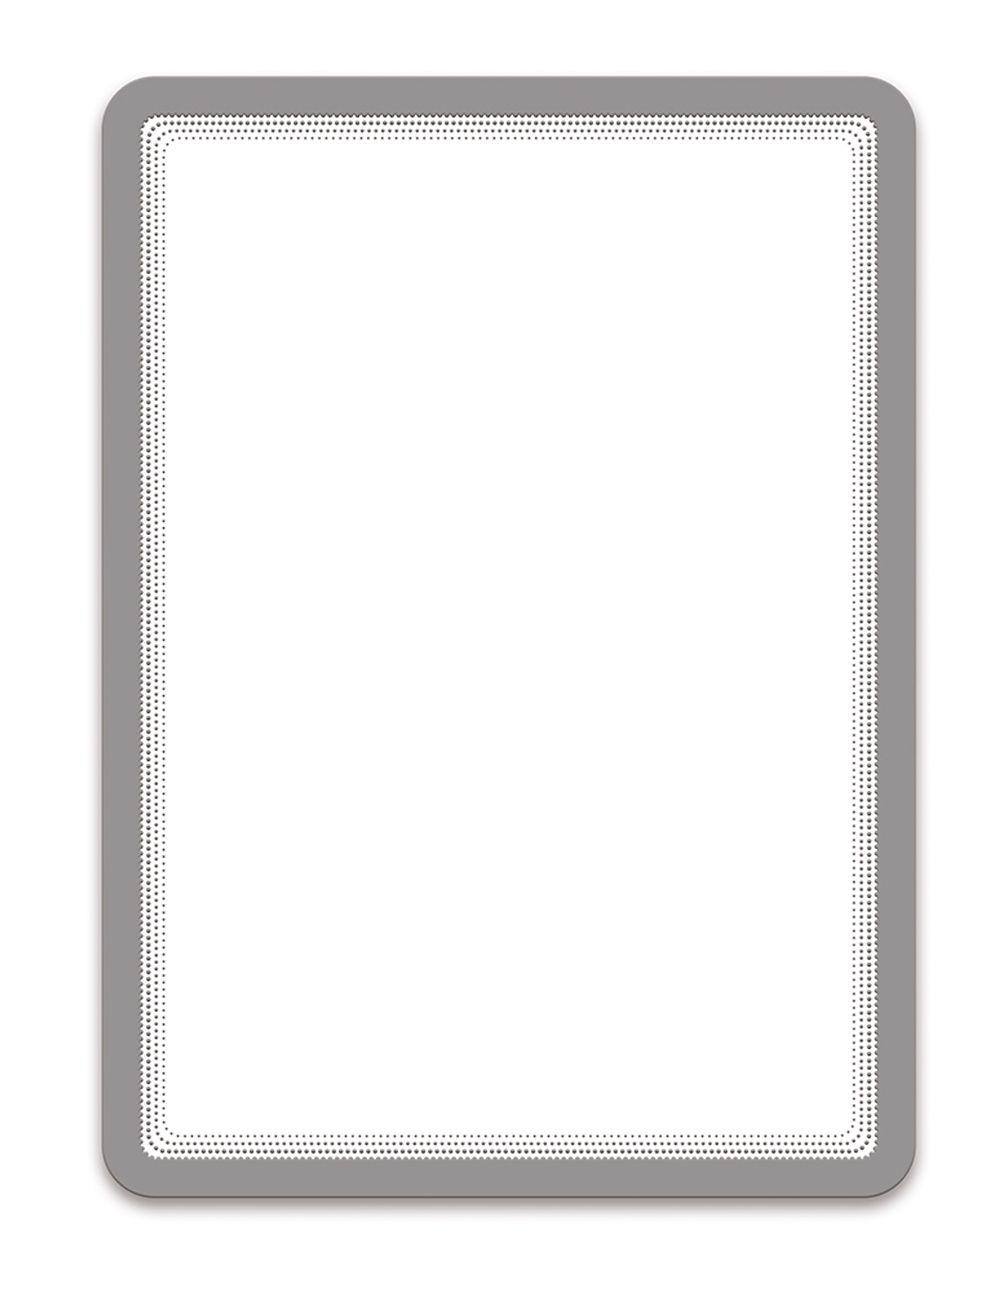 Magnetická kapsa Tarifold A4, 2ks, Stříbrná